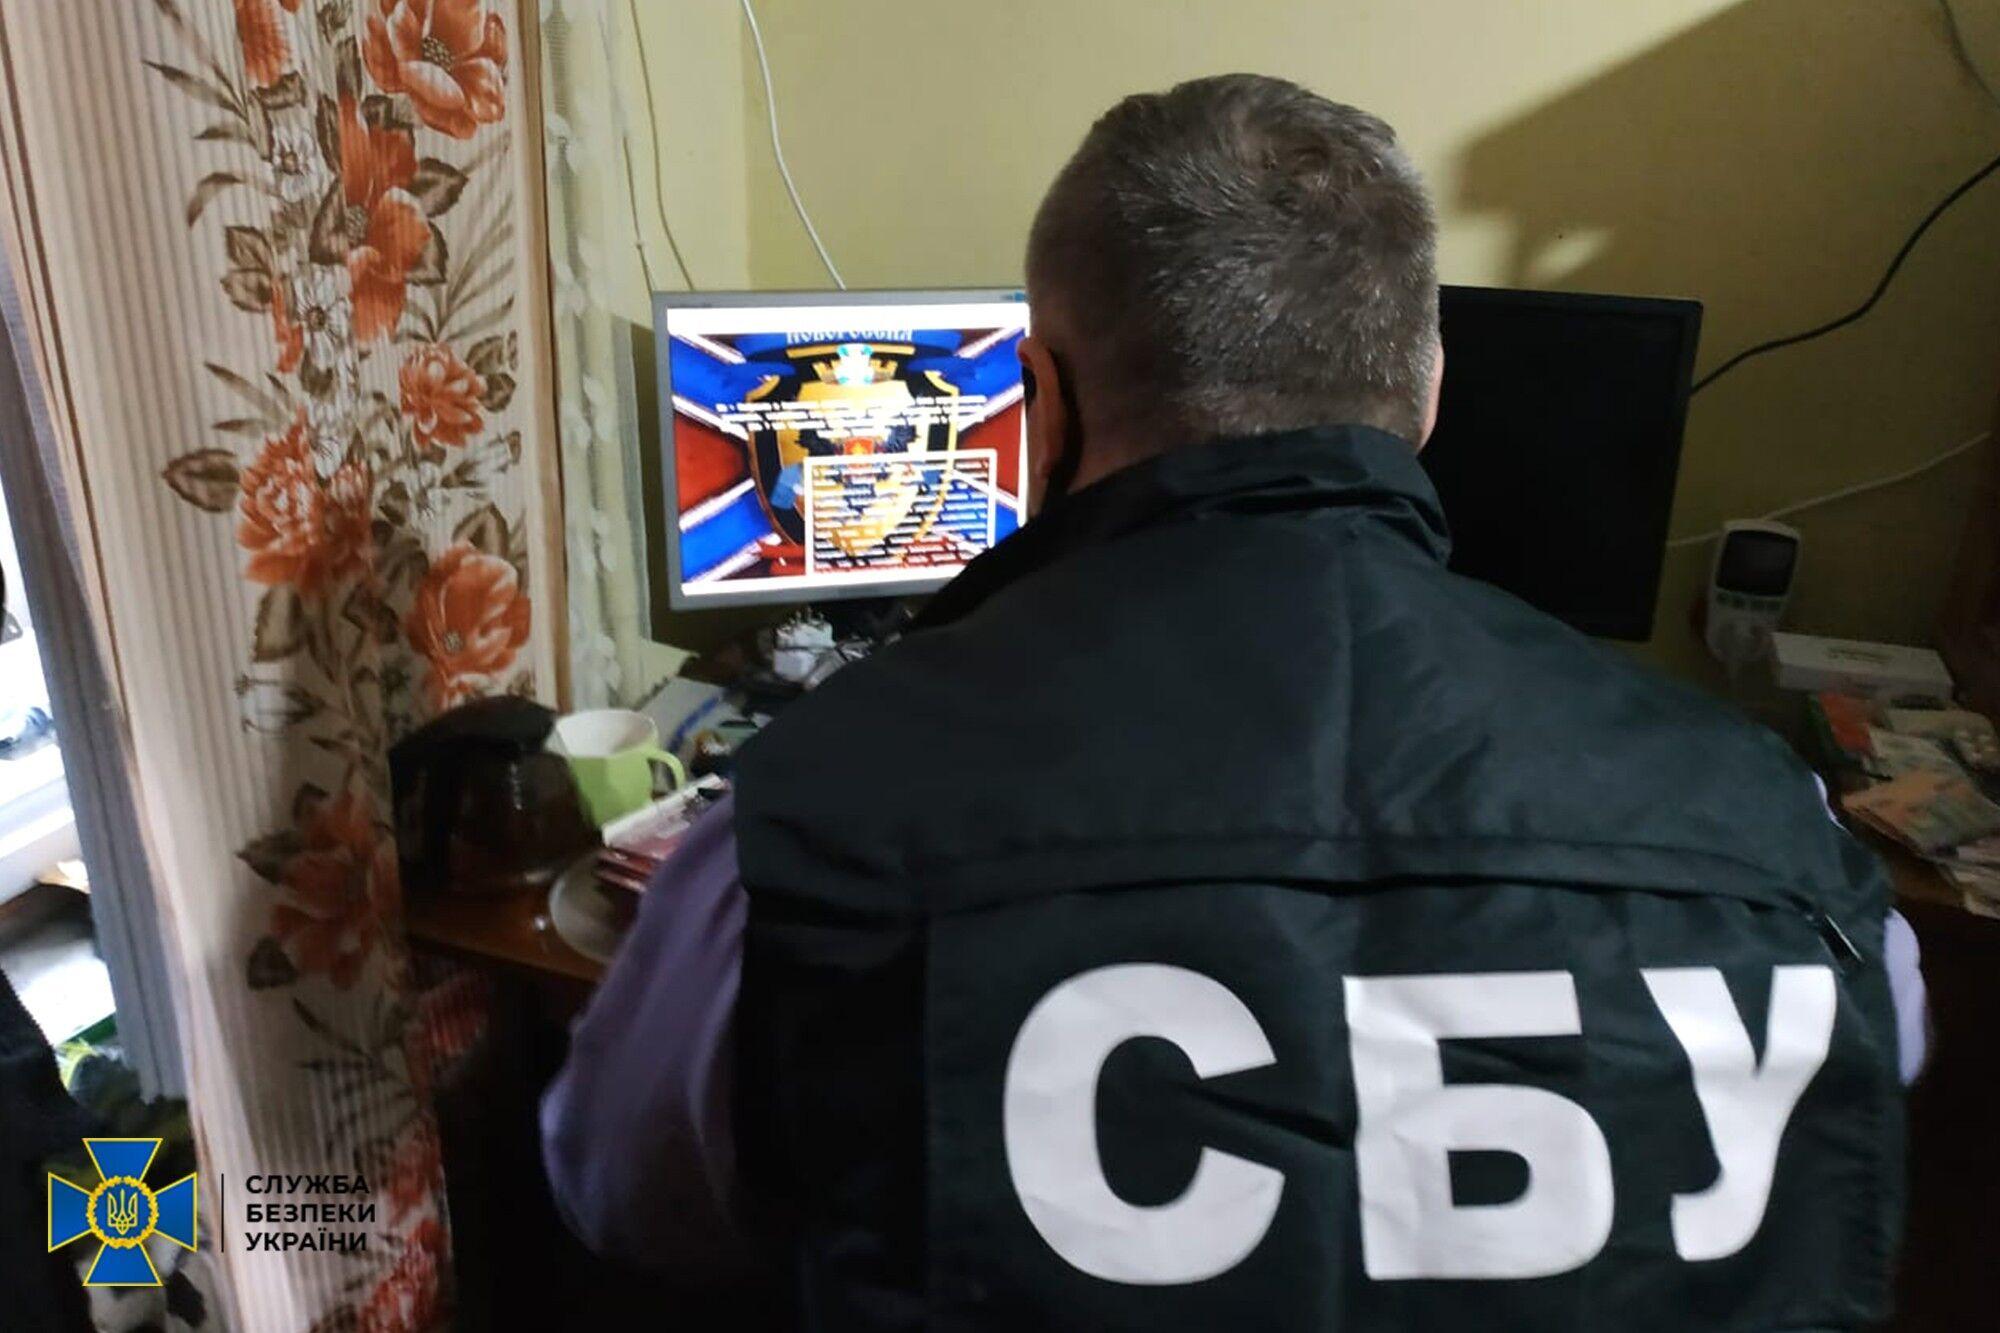 """СБУ выявила хакера, который """"охотился"""" на персональные данные ее сотрудников"""